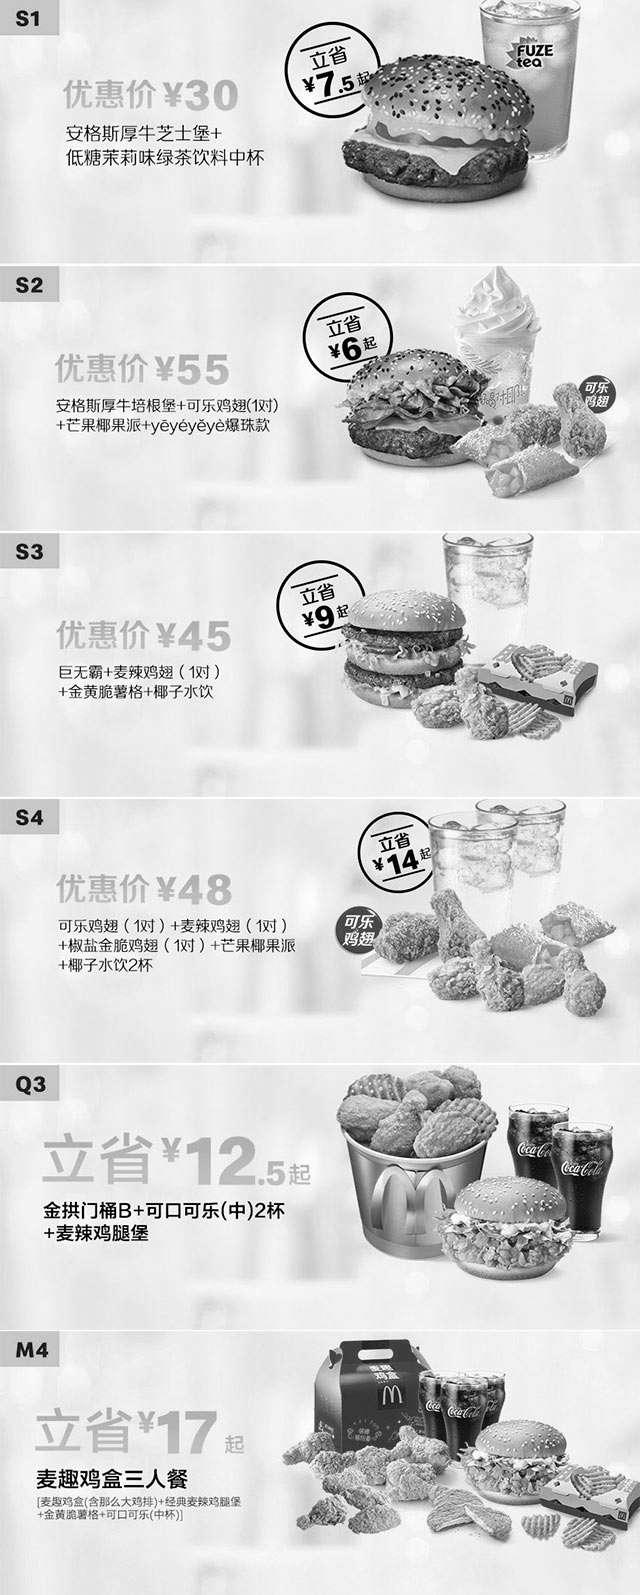 黑白优惠券图片:麦当劳优惠券2019年7月3日至8月7日手机版整张版本,点餐出示享优惠价 - www.5ikfc.com